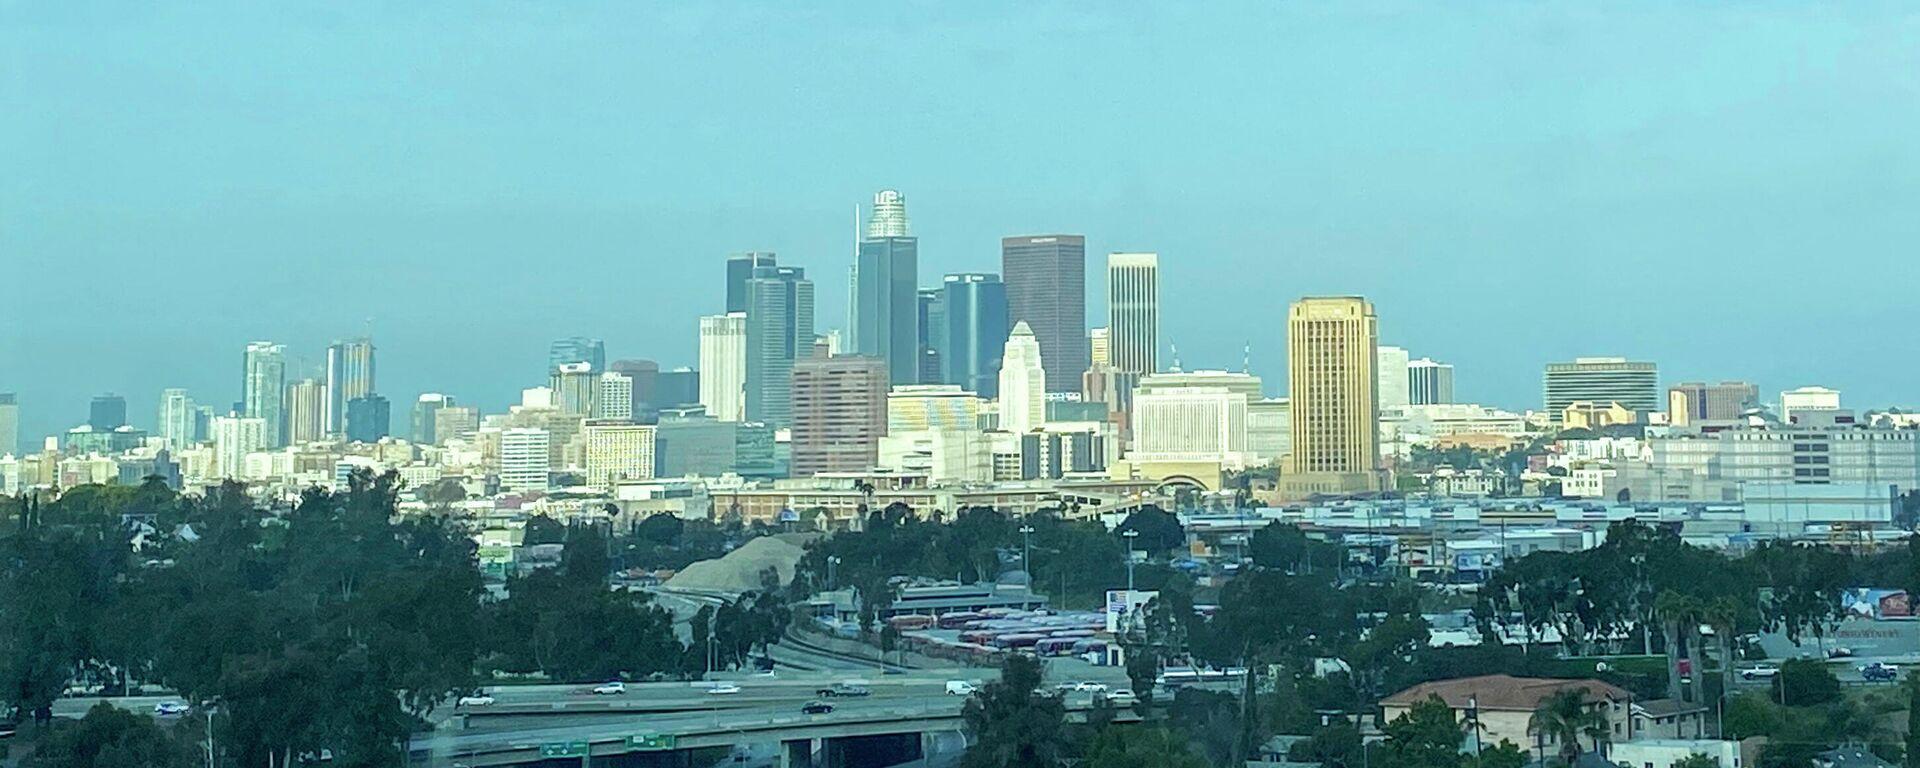 Los Angeles - SNA, 1920, 05.07.2021